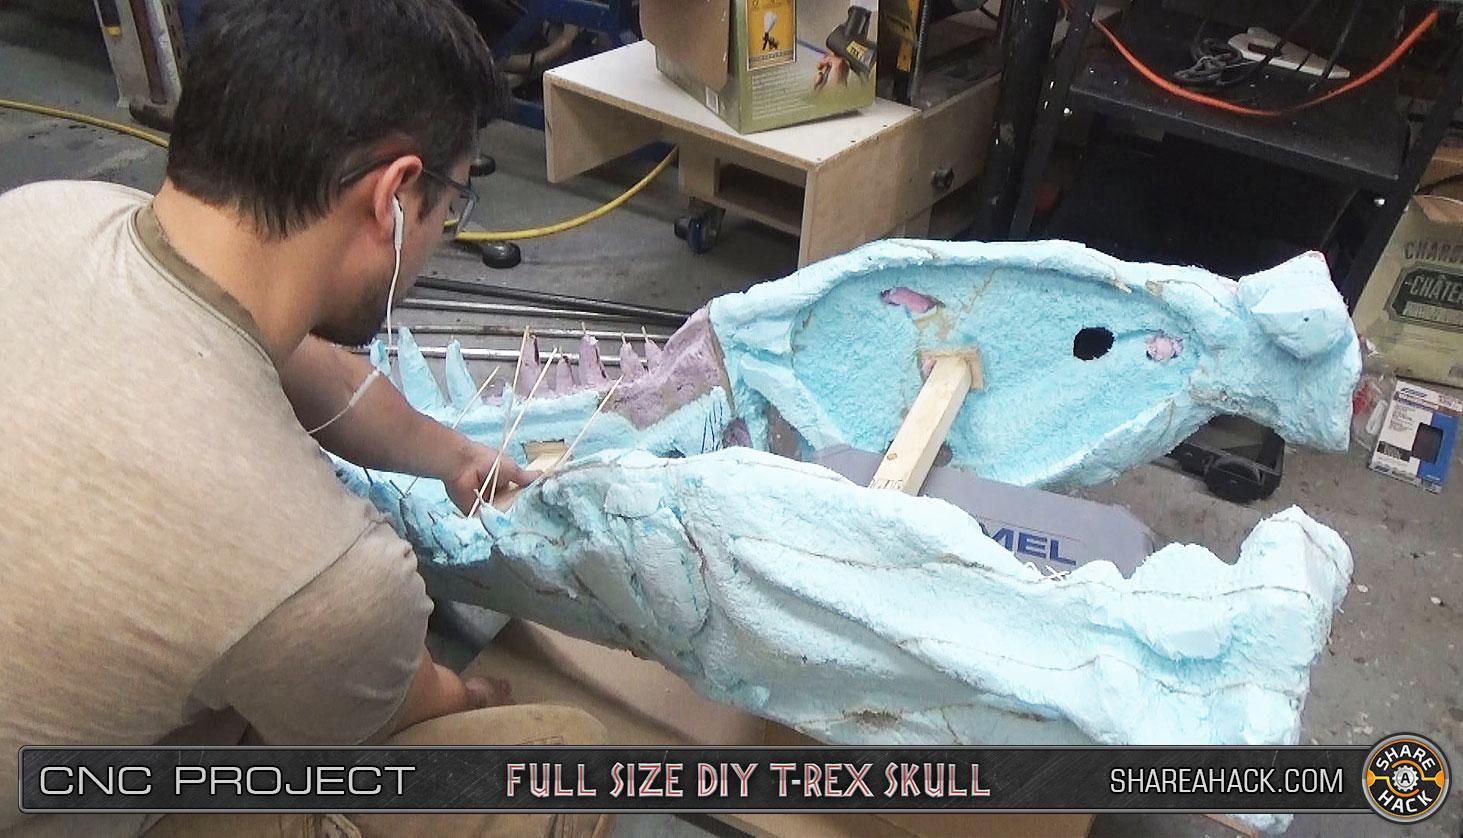 shareahack_diy-trex-skull-cnc-foam_3dmodel_21.jpg